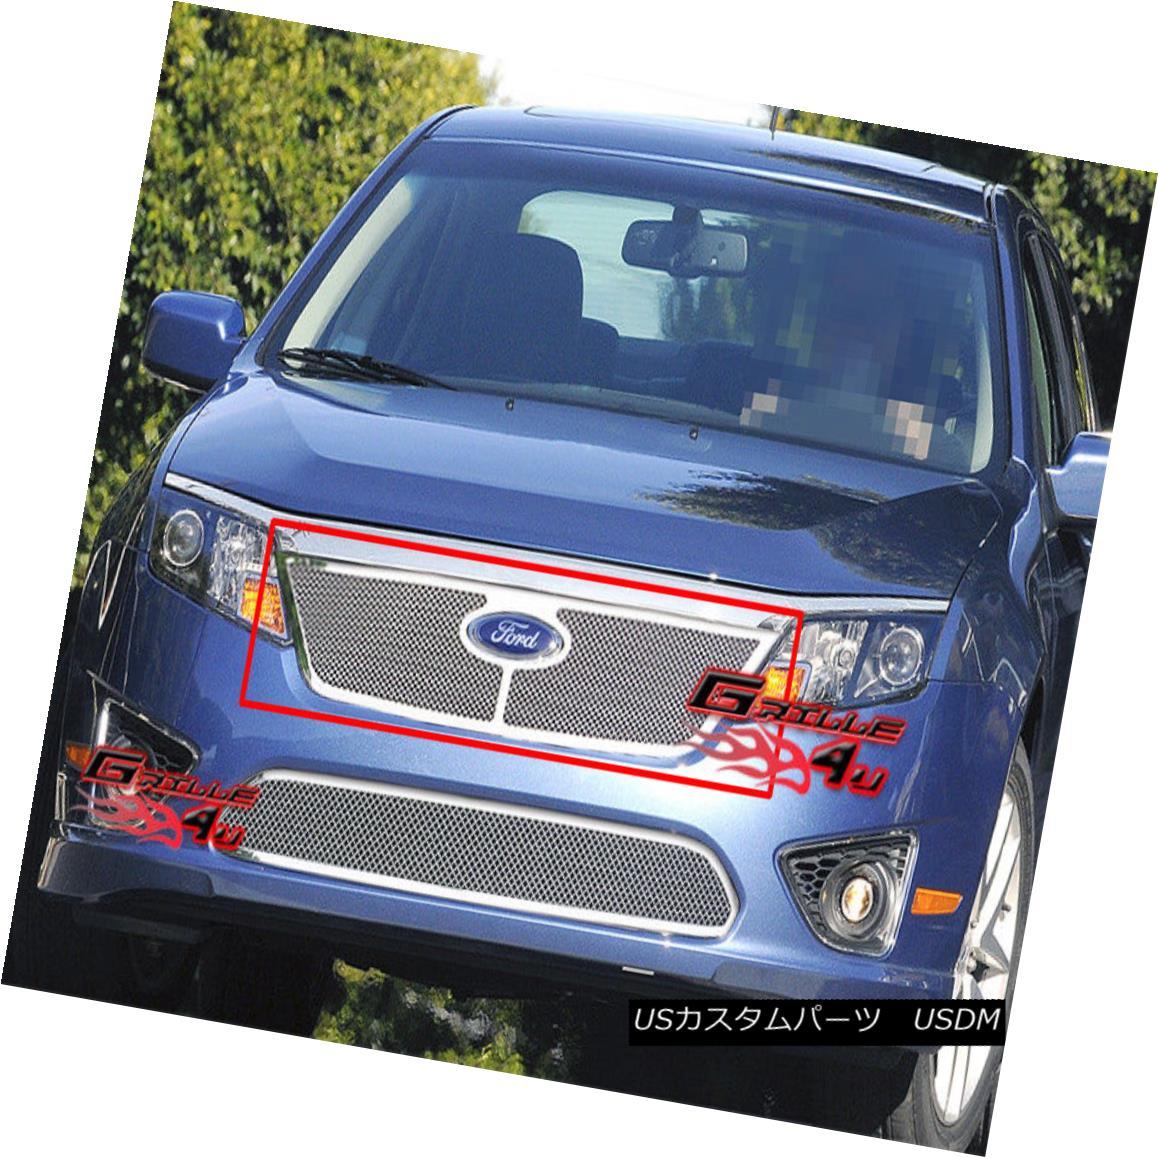 グリル Fits 10-11 2011 Ford Fusion Stainless Steel Mesh Grille フィット10-11 2011フォードフュージョンステンレスメッシュグリル